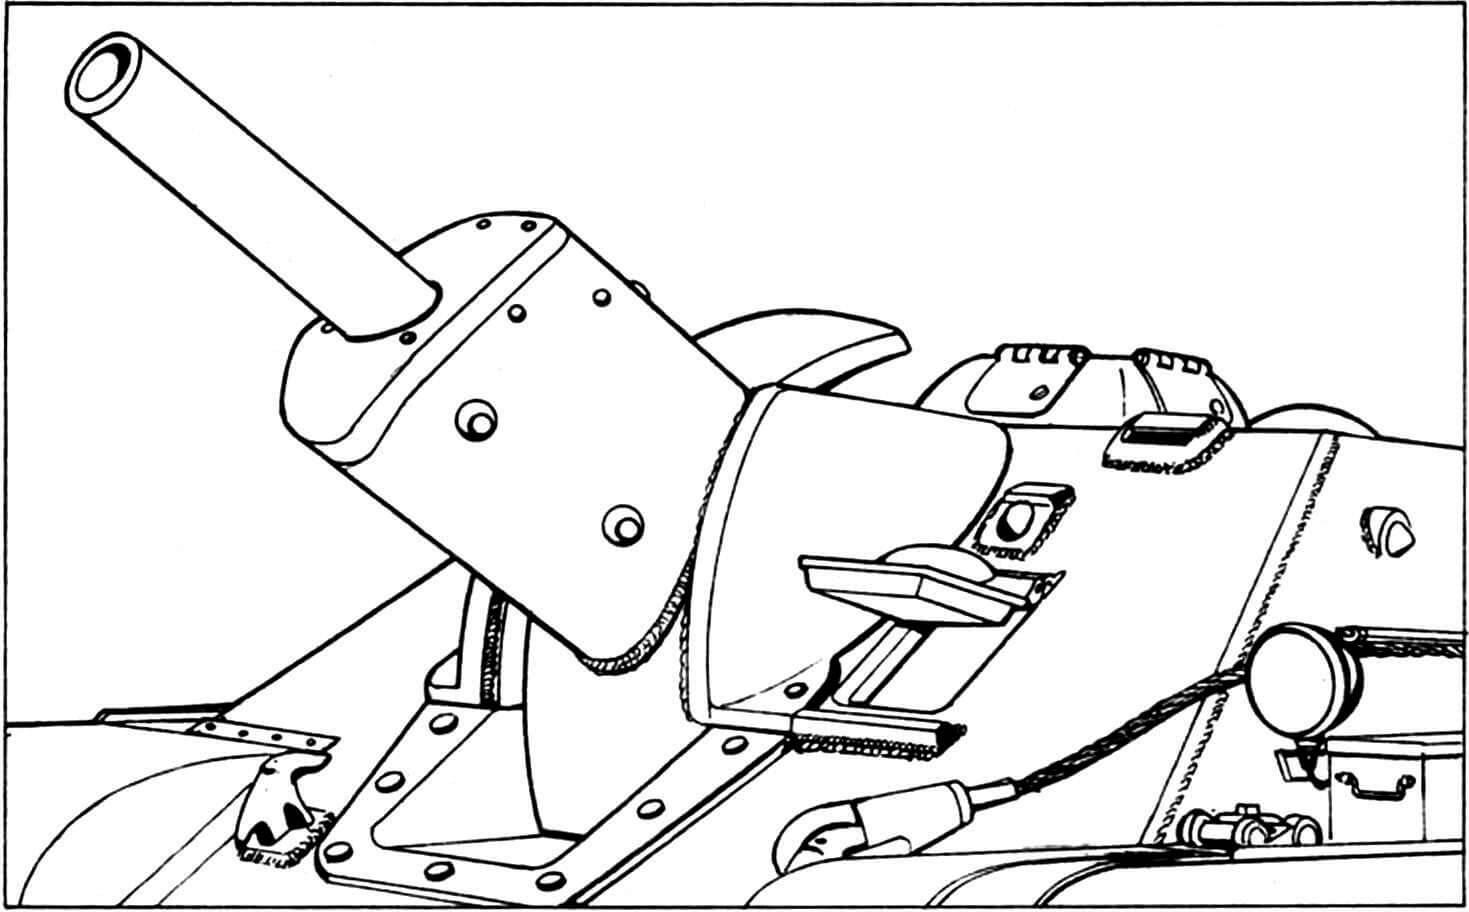 Лобовая часть корпуса САУ. Ствол орудия на максимальном угле возвышения. Крышка люка механика-водителя открыта.